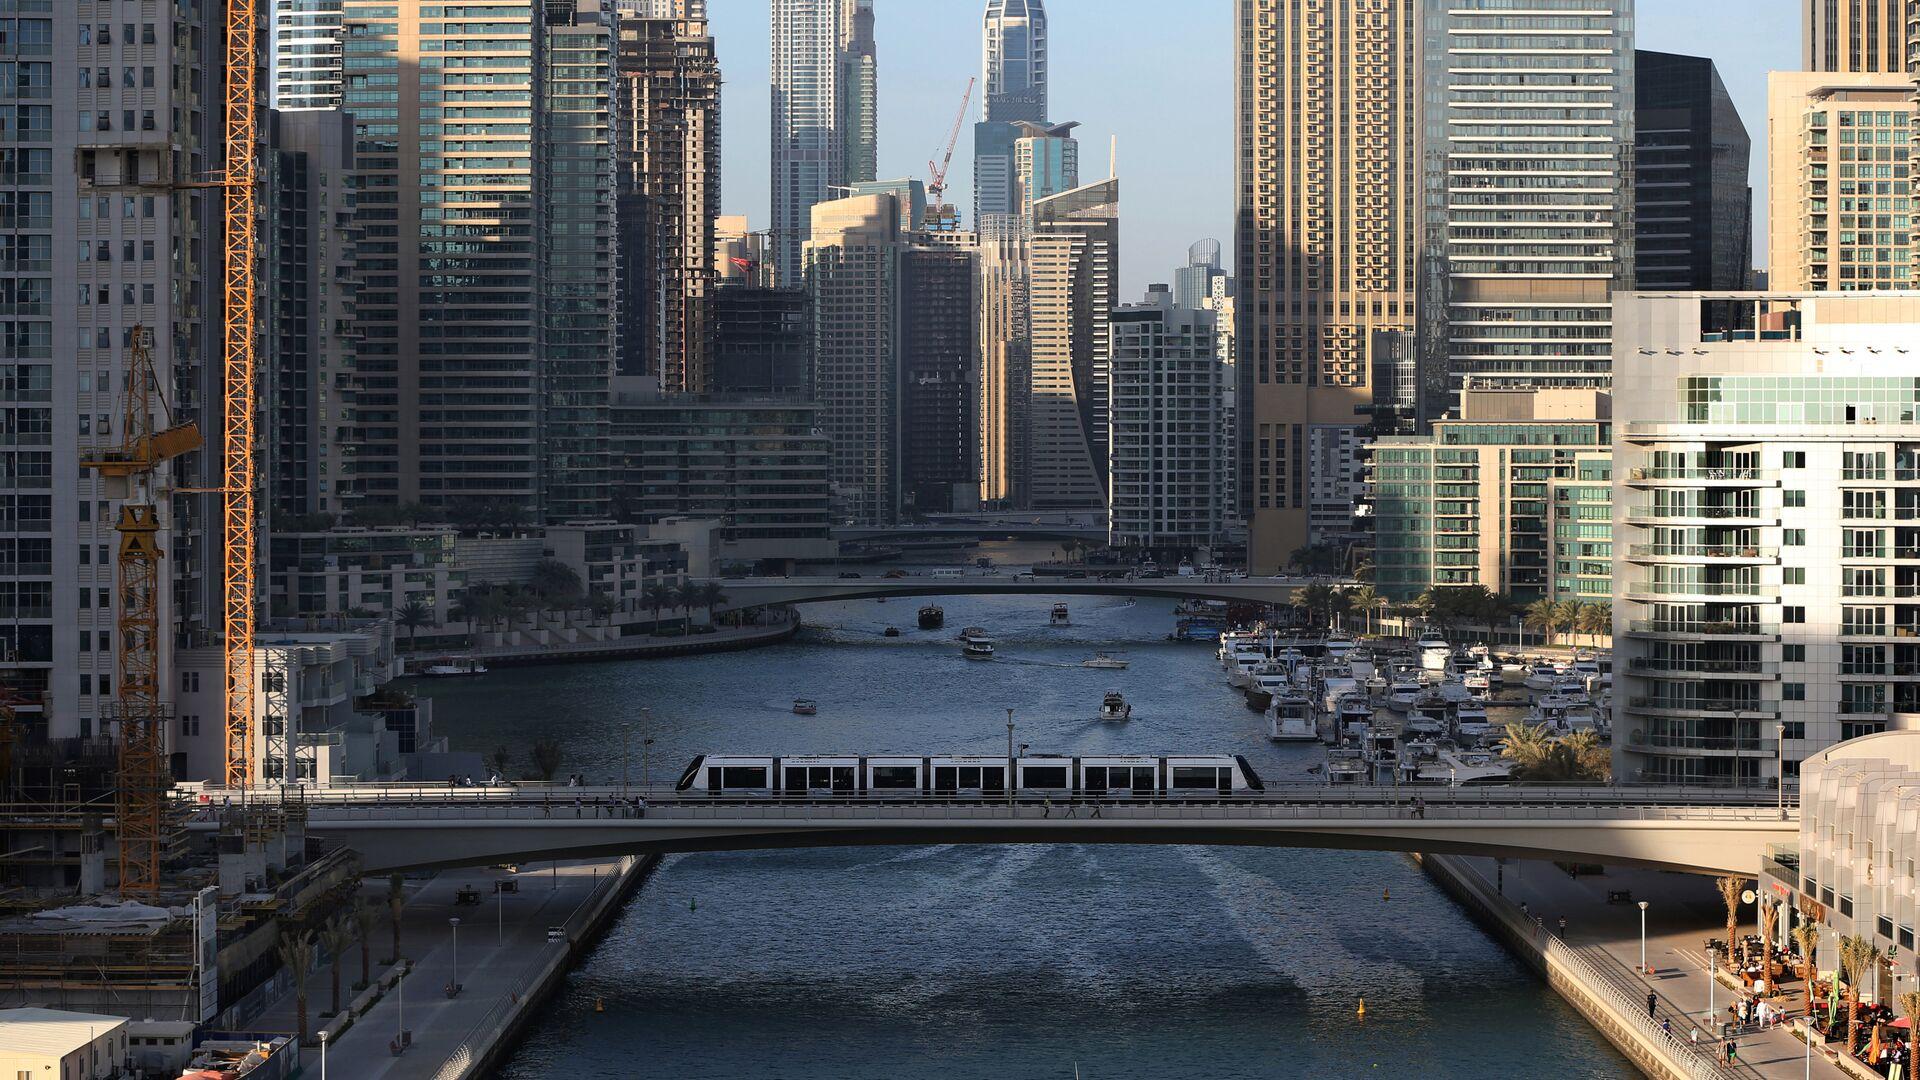 Трамвай проезжает по мосту через канал в Дубае  - РИА Новости, 1920, 15.11.2020